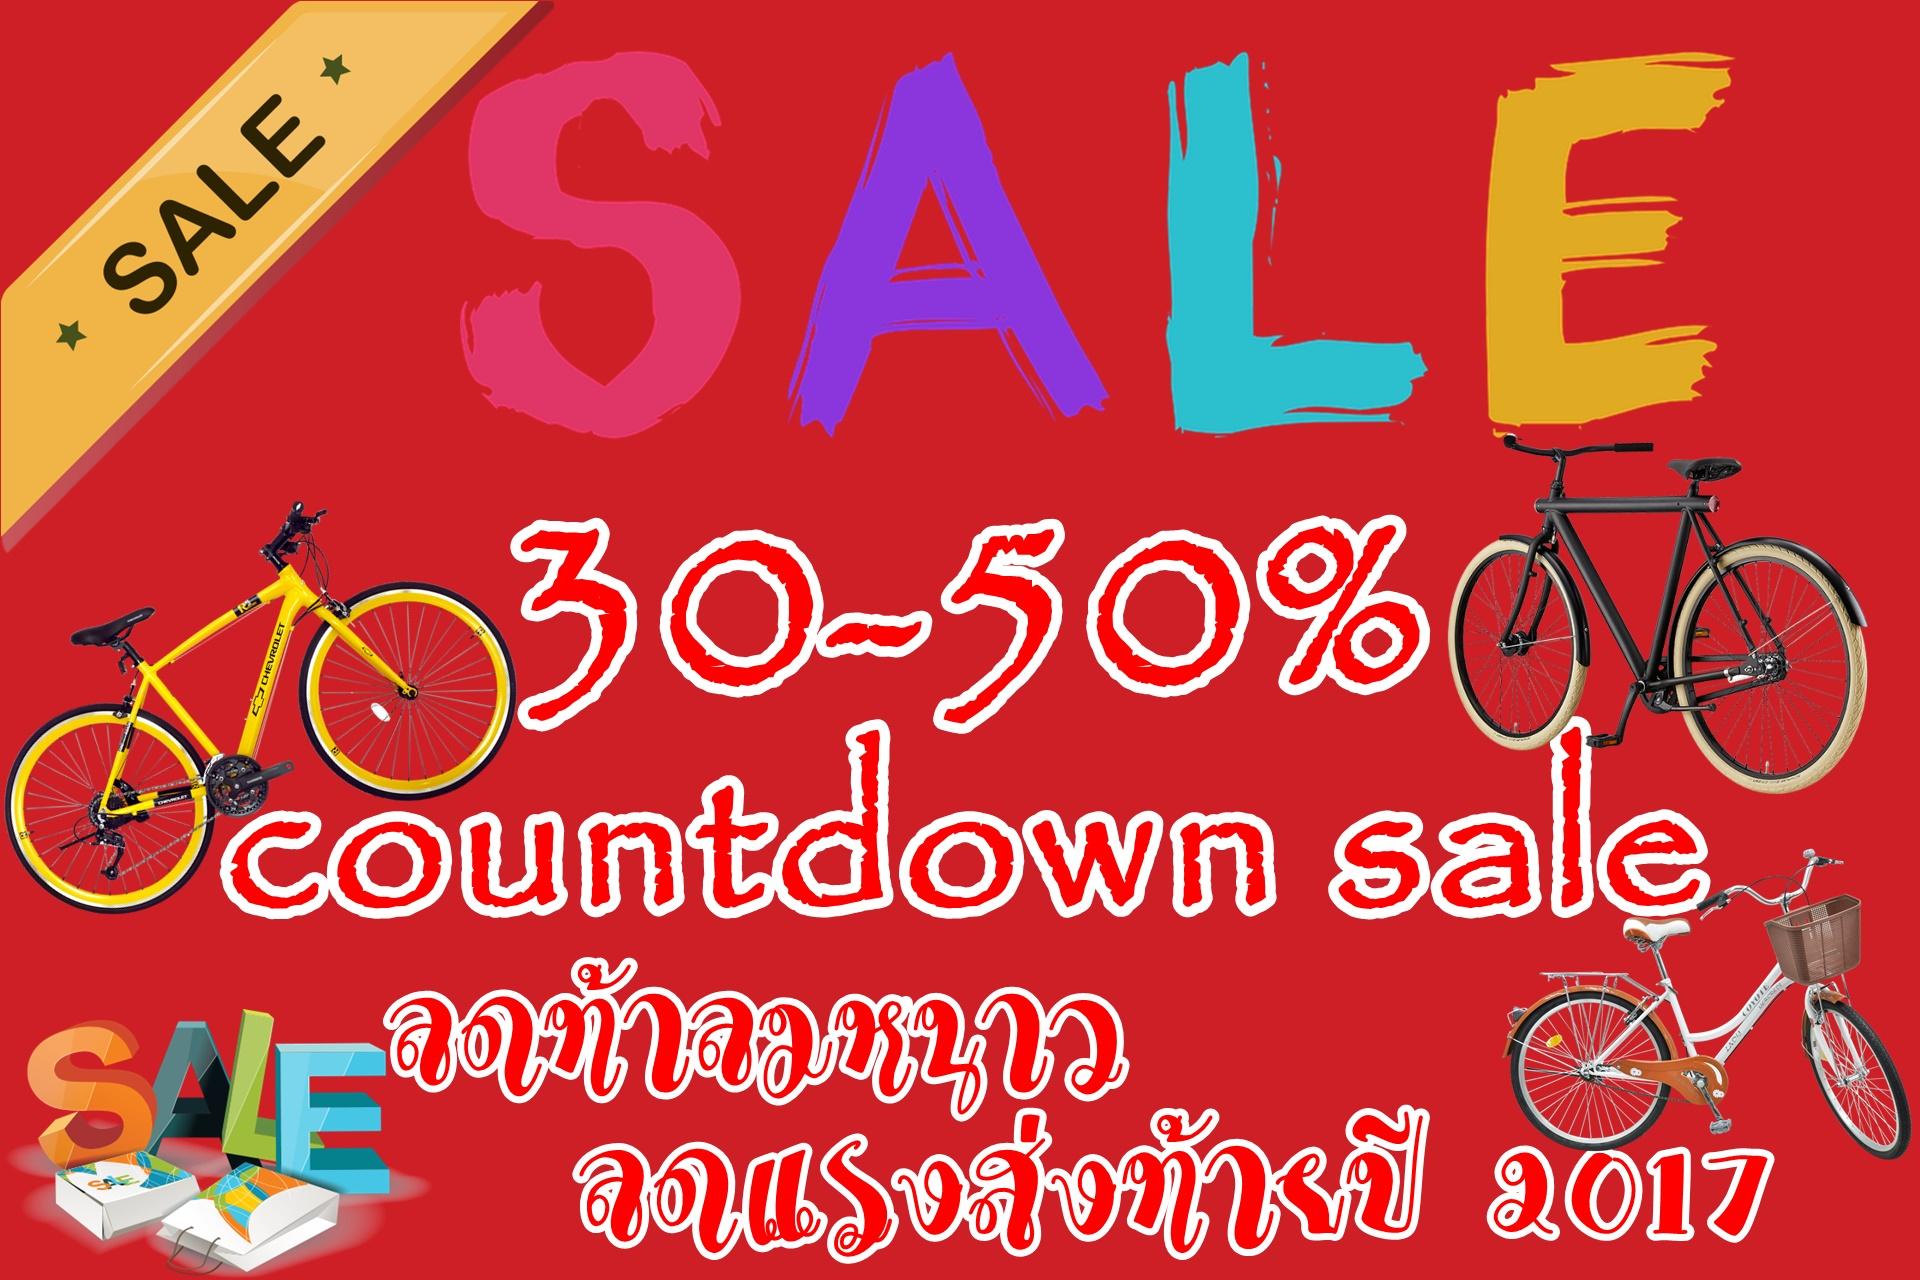 !!!SALE!!!ลดราคาพิเศษ 50-70% (ตัวโชว์) #3